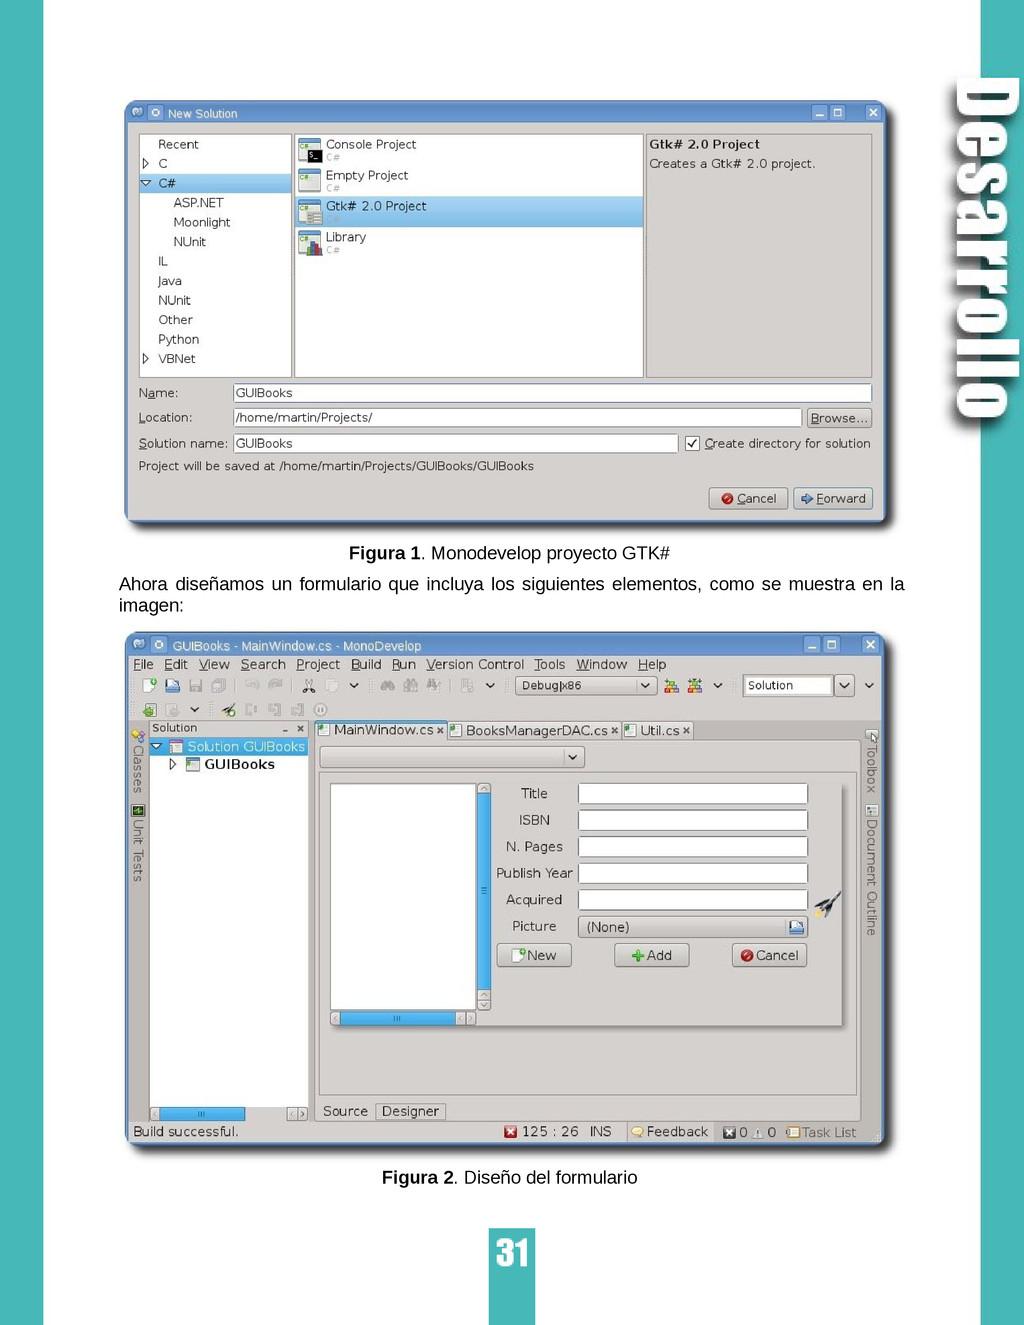 Figura 1. Monodevelop proyecto GTK# Ahora diseñ...